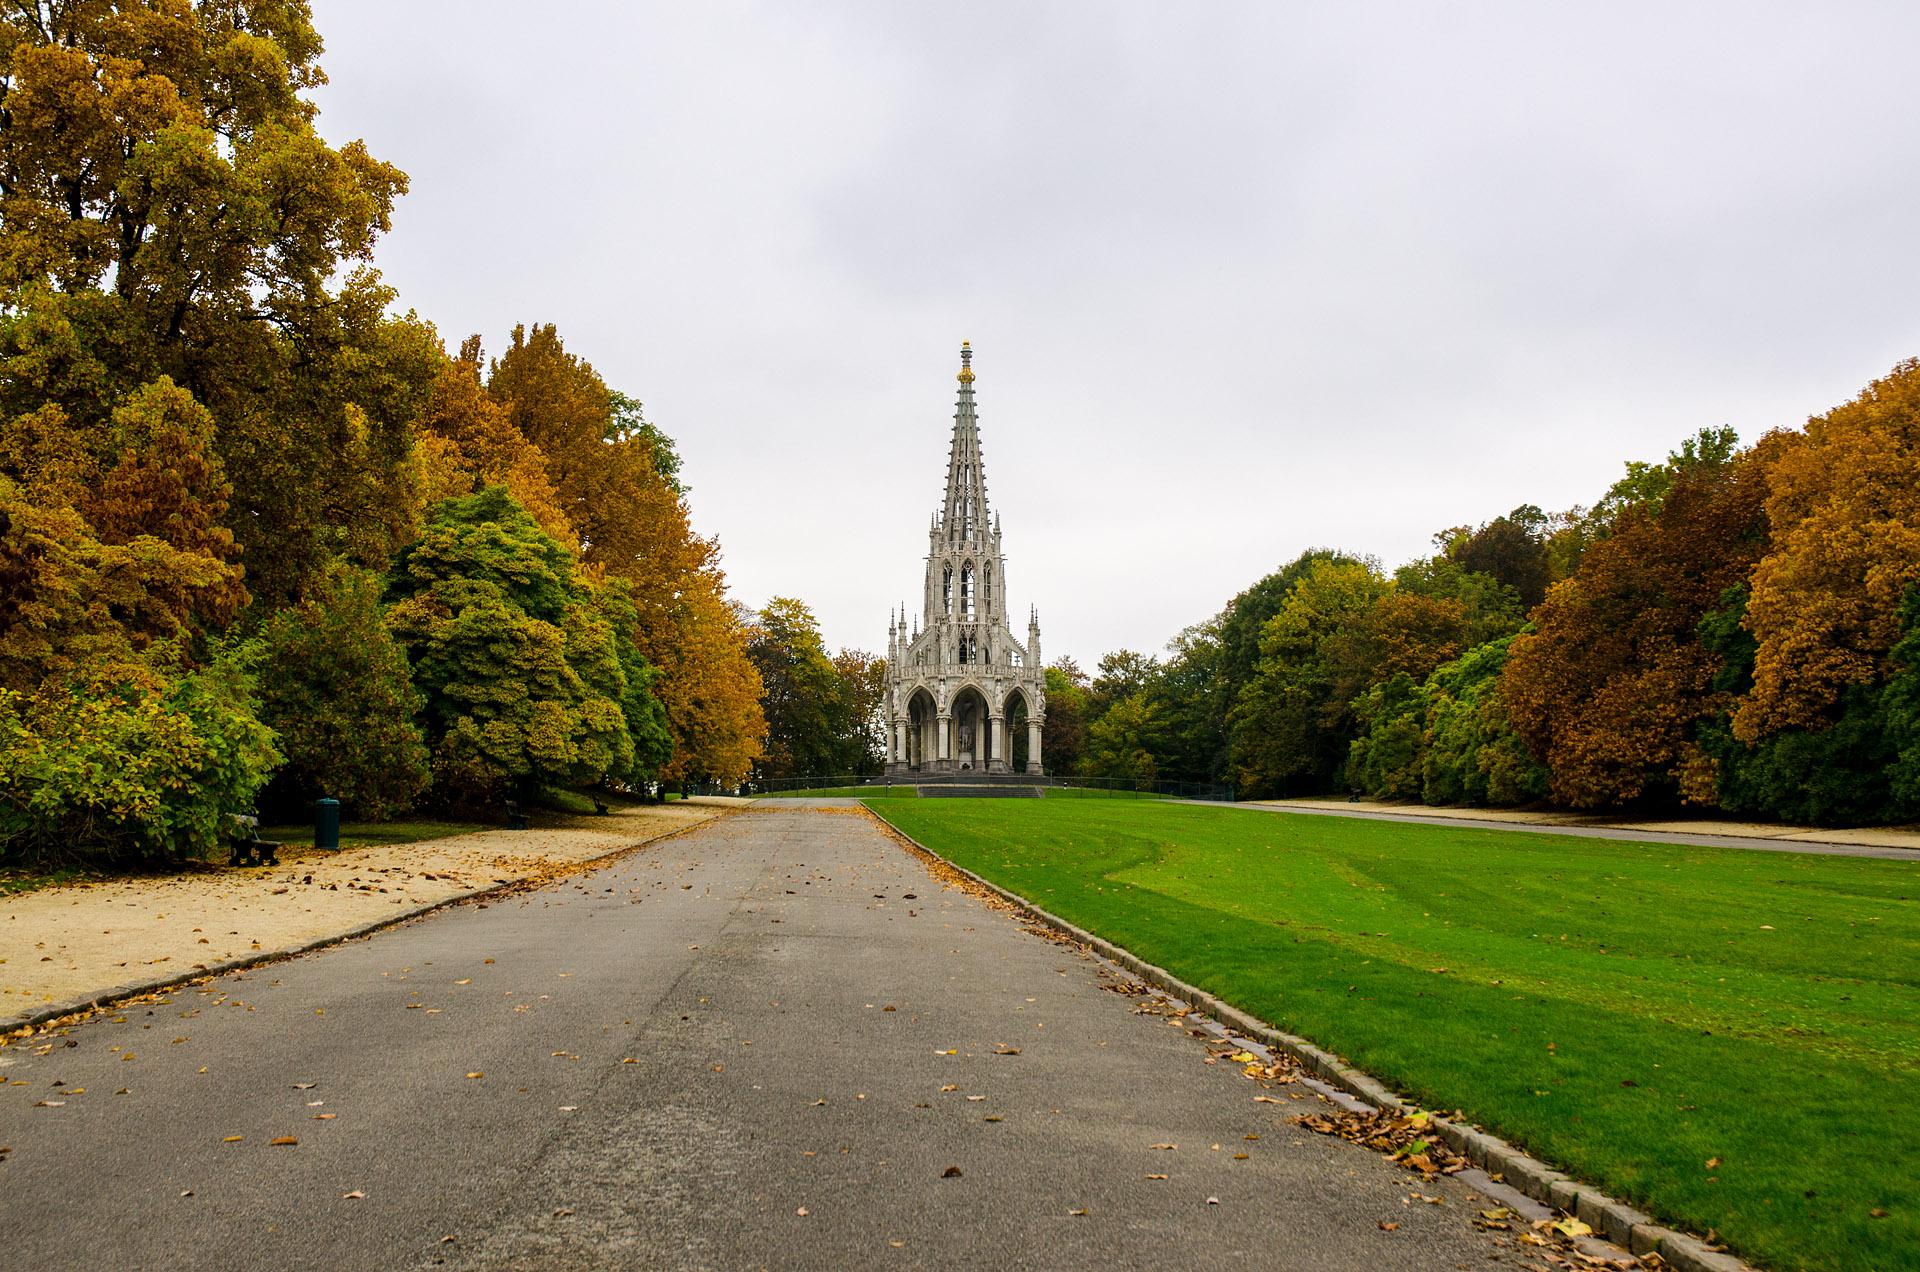 Park of Laeken (Monument of Leopold I)